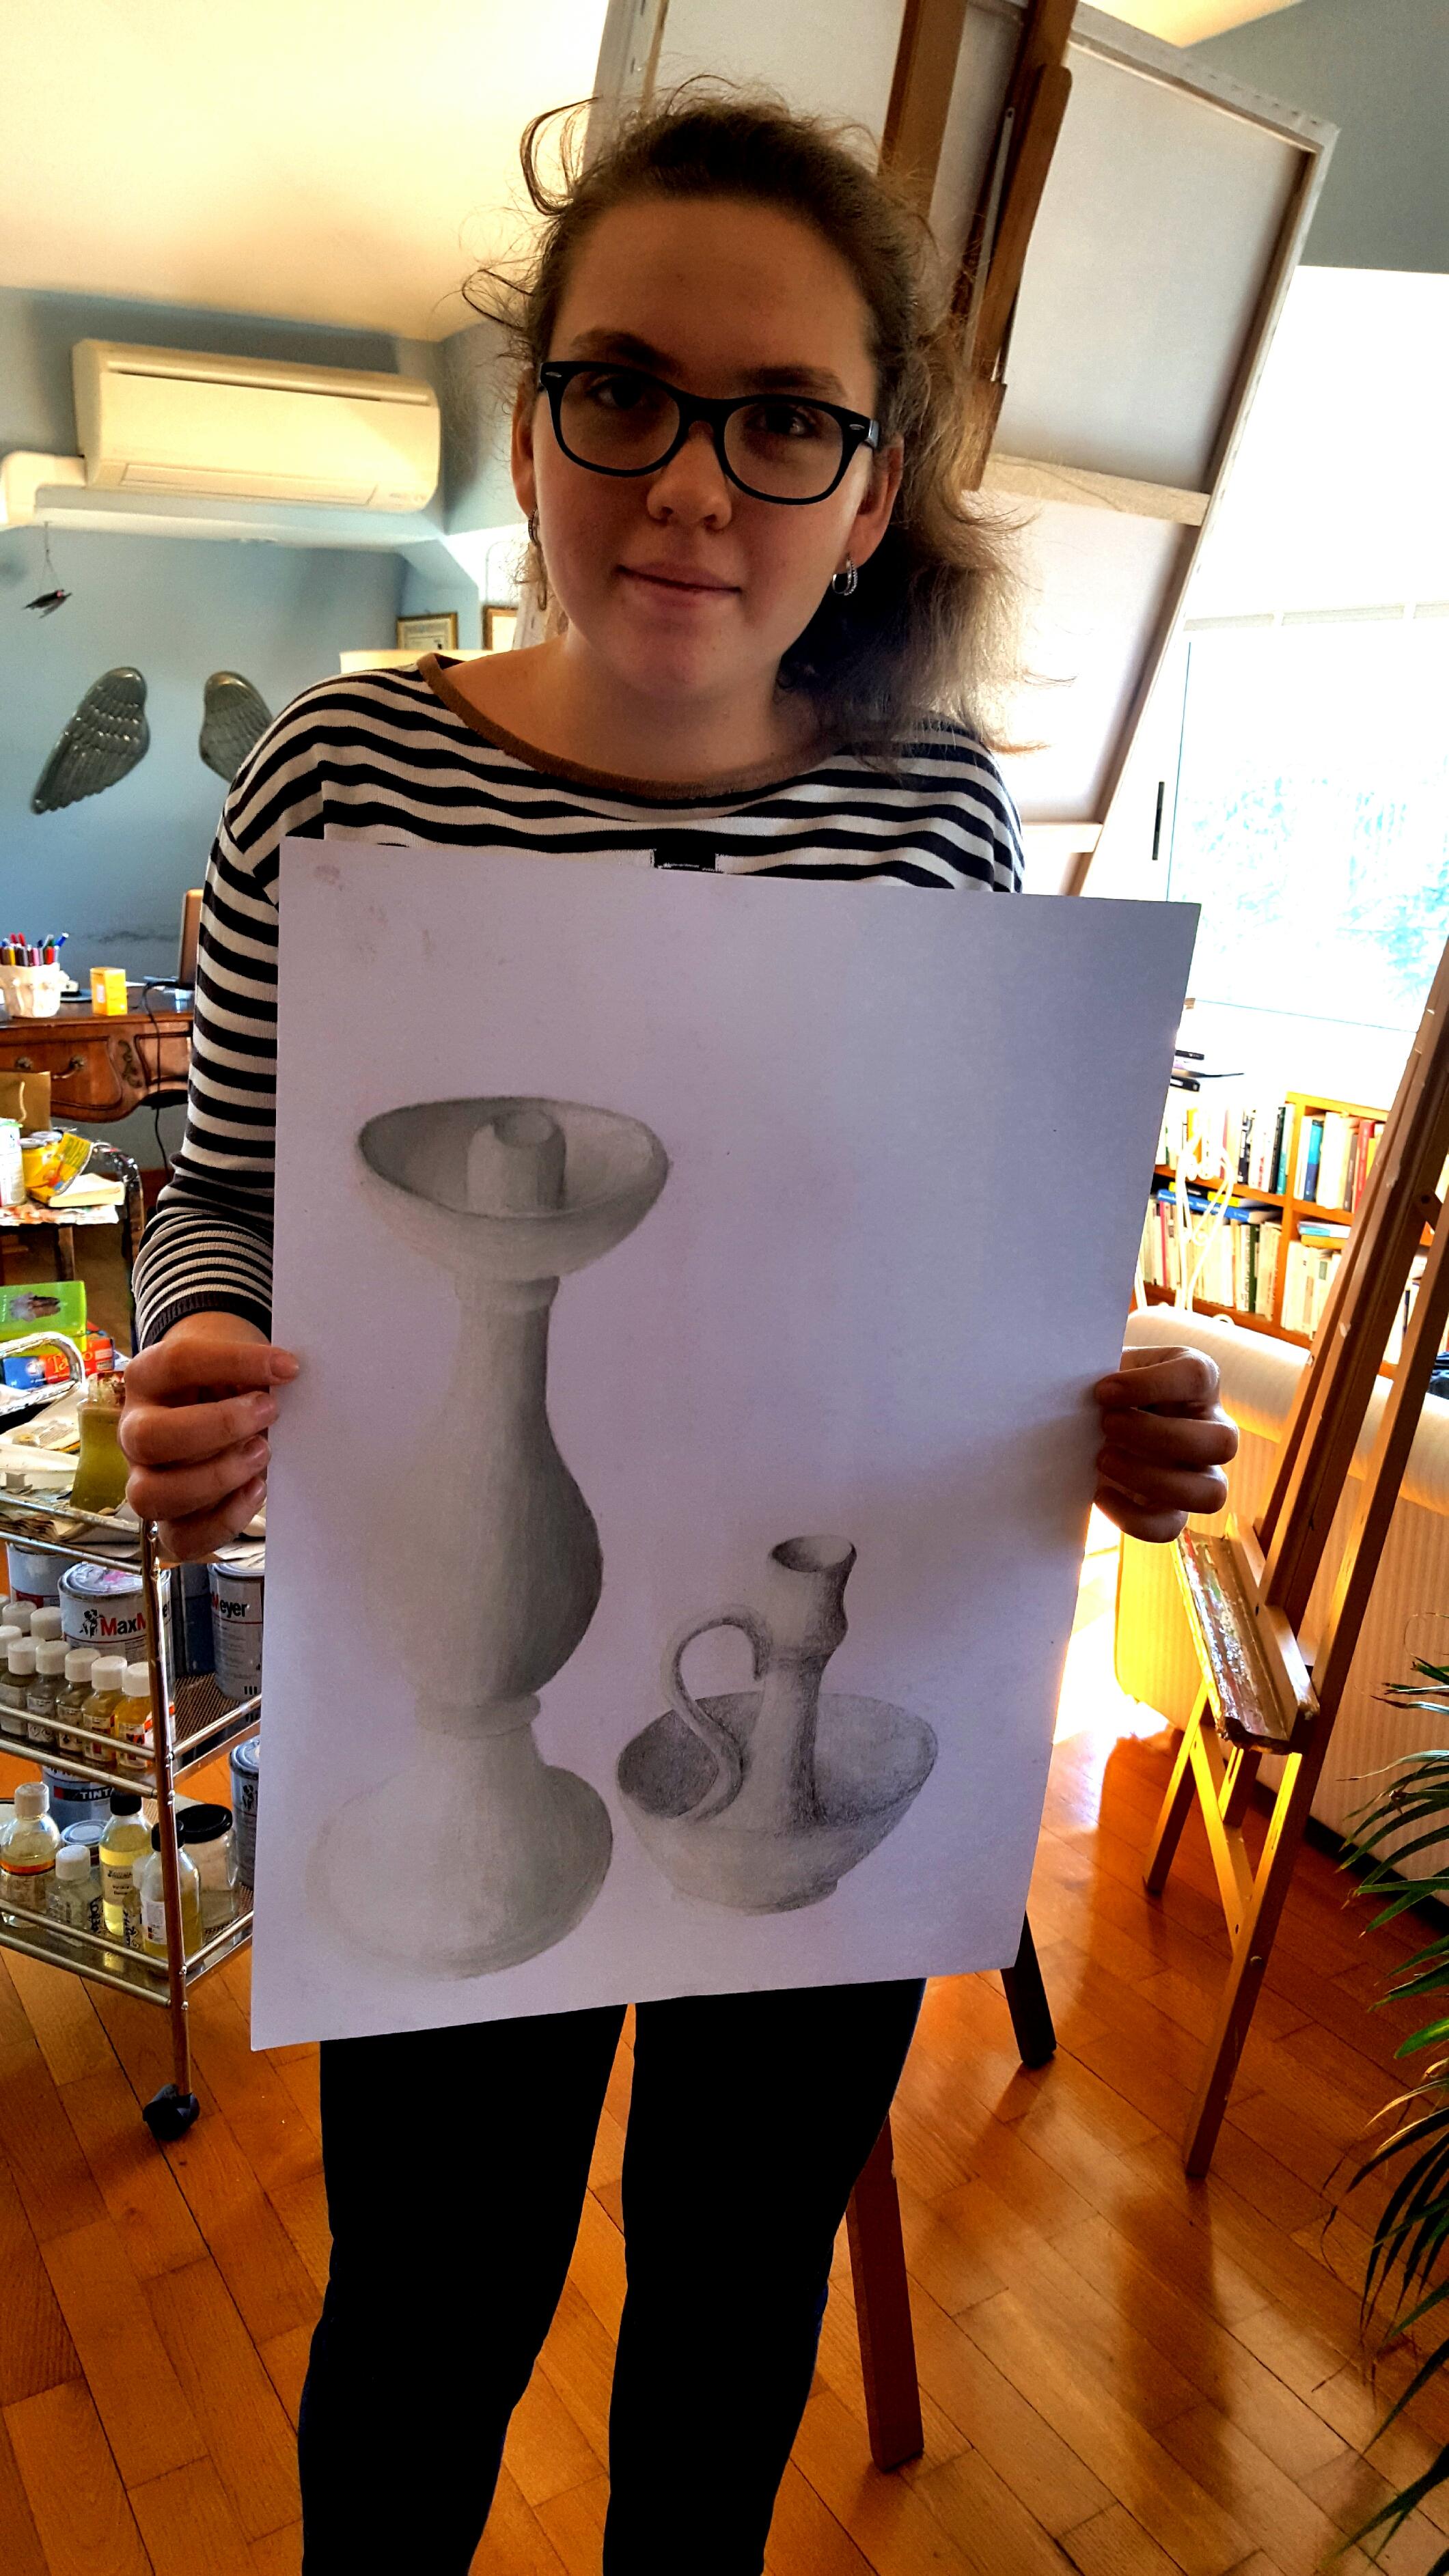 khrystyna honchak, 13 anni, disegno dal vero e chiaroscuro, 2017